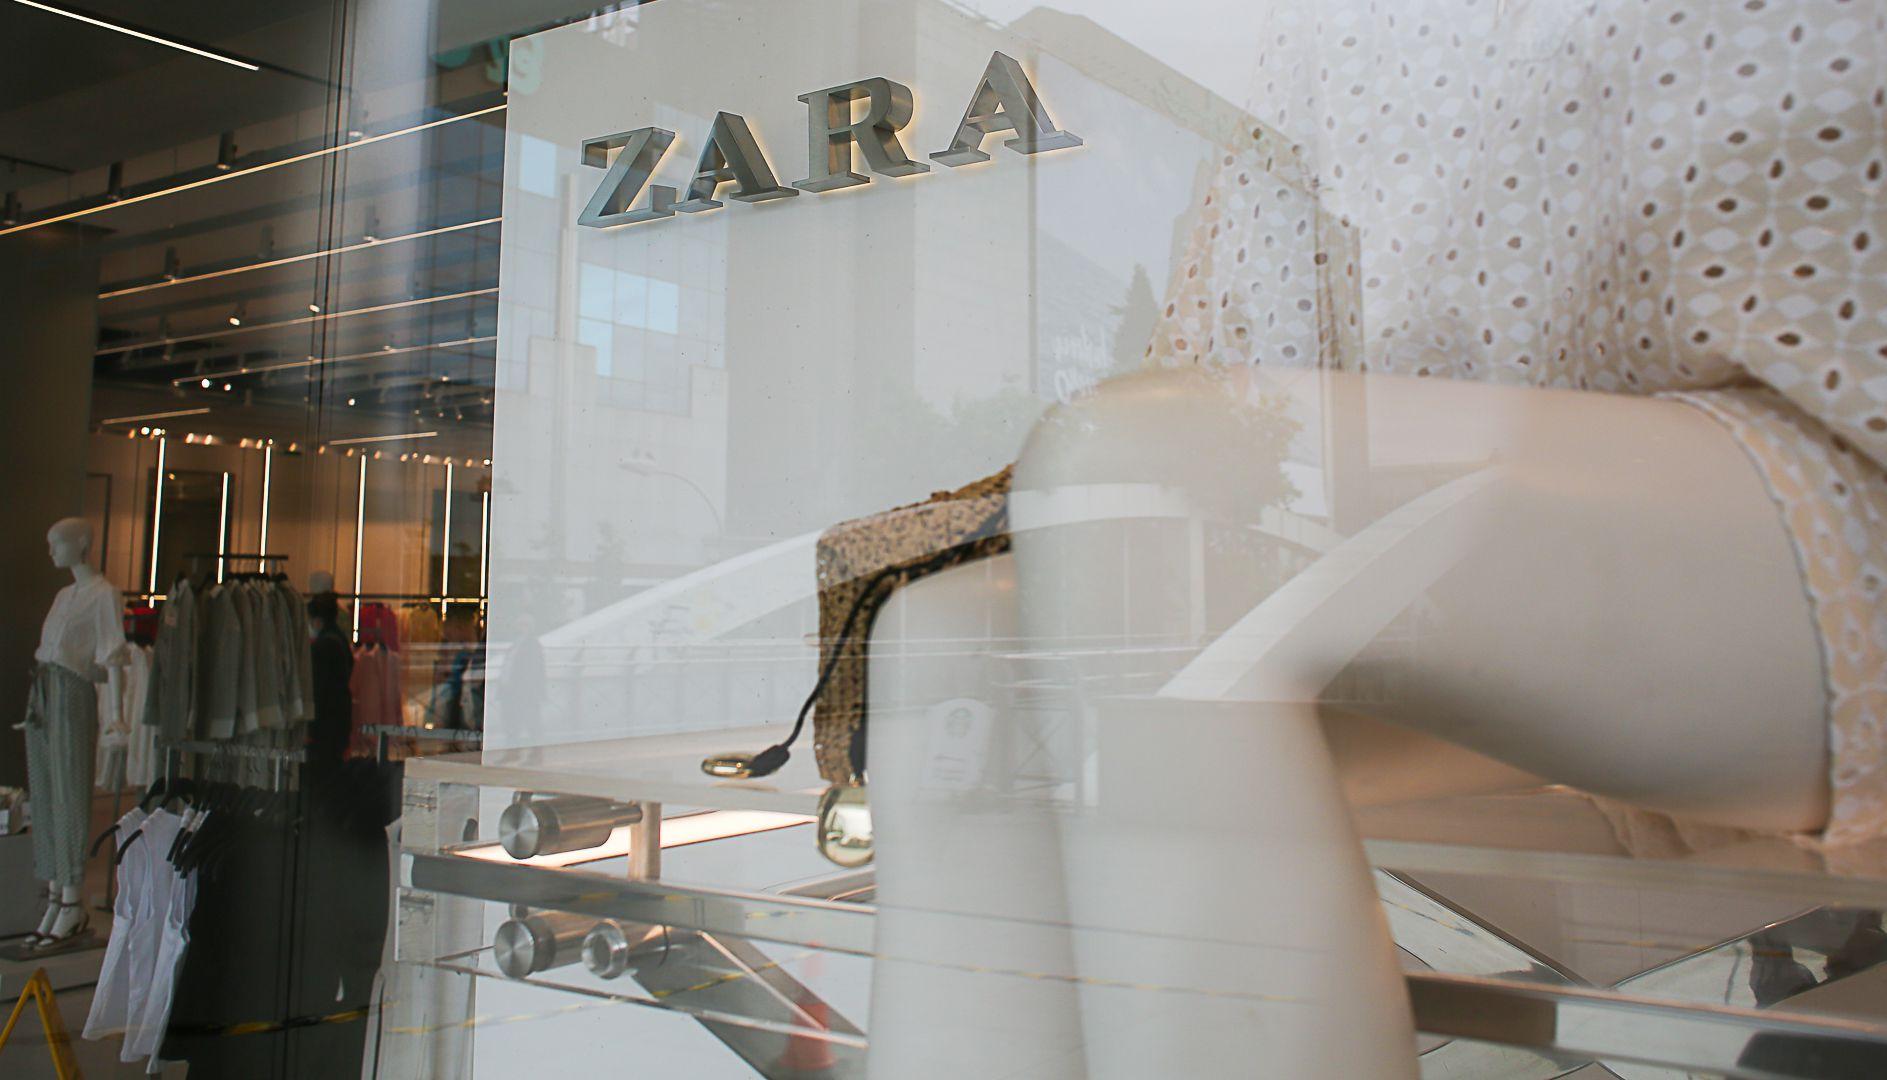 13-05-2021 Una tienda de Zara en el centro de Madrid, el día que Inditex ha anunciado que acometerá 56 cierres durante el verano, a 13 de mayo de 2021, en Madrid (España). Inditex realizará esos cierres durante los meses de junio, julio y agosto, con la recolocación de sus 475 empleados en otros establecimientos del grupo, que continúa así con su proceso de transformación digital, que implica la absorción de locales pequeños y la apuesta por establecimientos de mayor tamaño. ECONOMIA  Cézaro De Luca - Europa Press